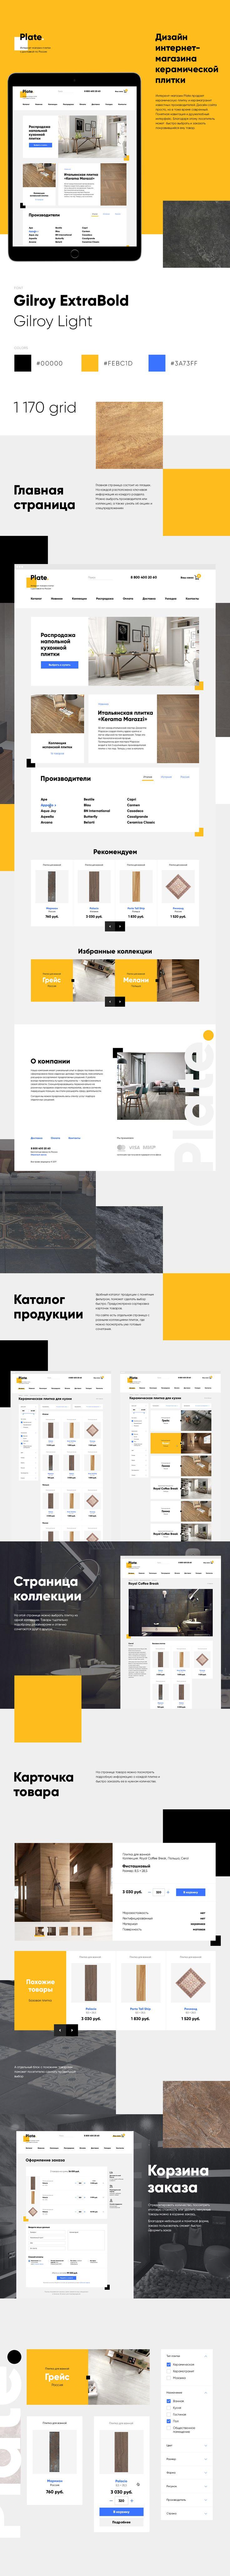 Магазин керамической плитки, Сайт © ИльяЛукичев